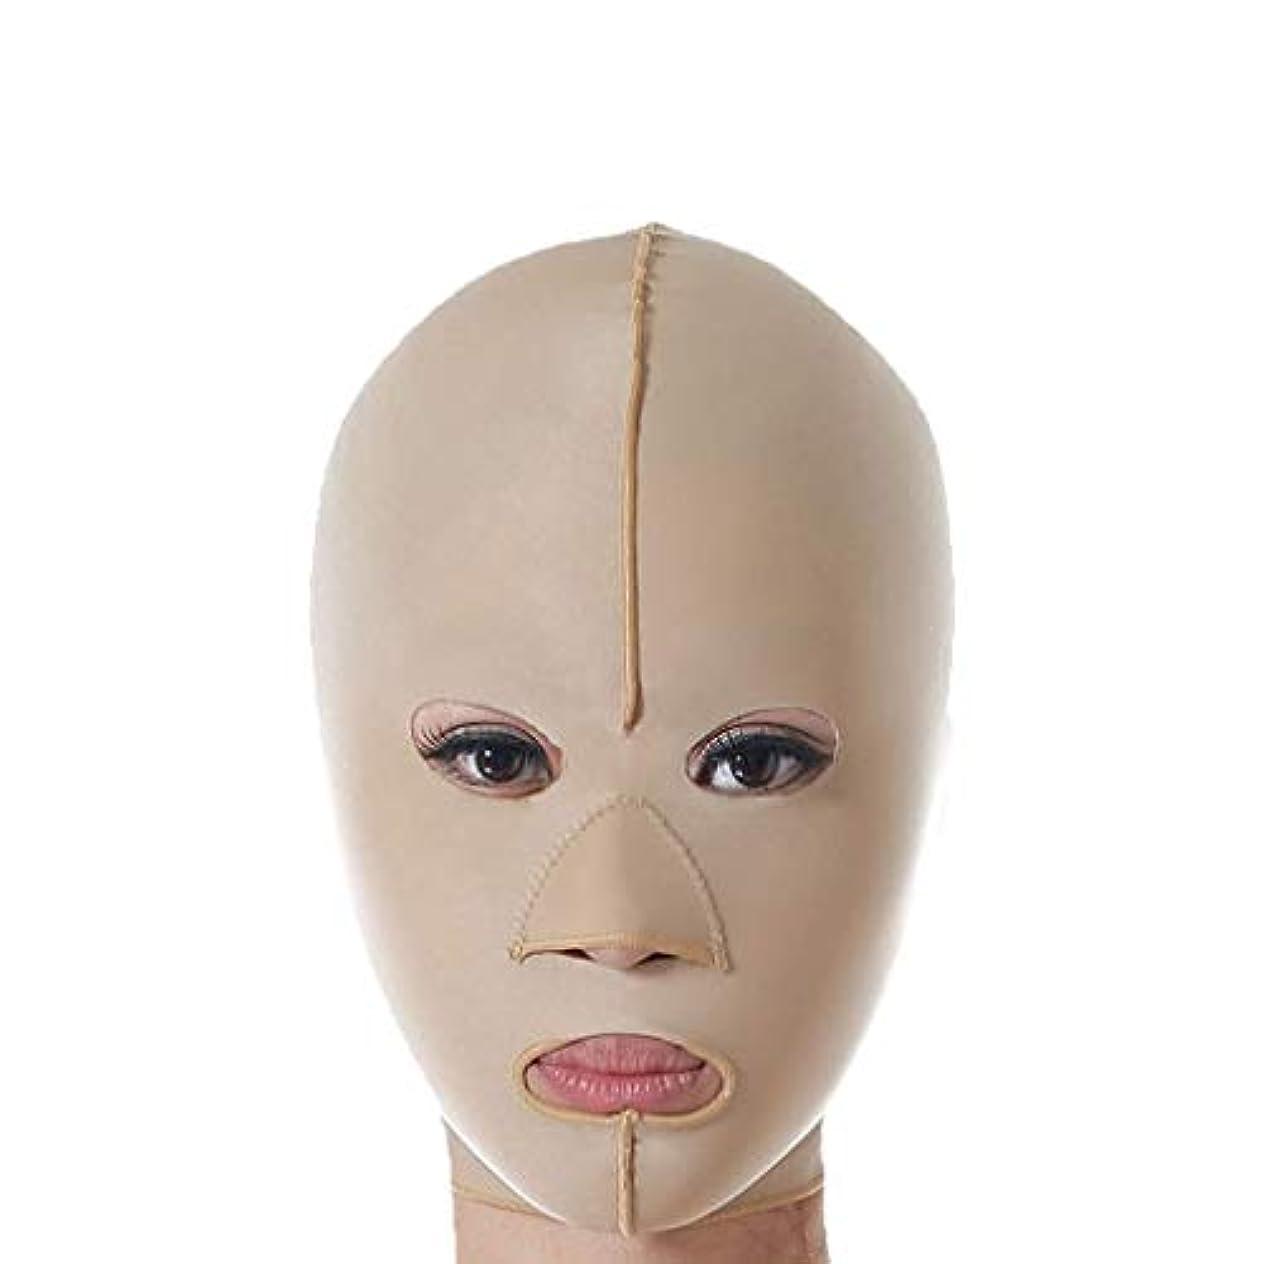 敬の念マニュアルボウリング減量フェイスマスク、リフティング包帯、スリムフェイスリフトリフティングベルト、フェイシャル減量リフティング包帯、リフティングファーミング包帯(サイズ:XL),XL